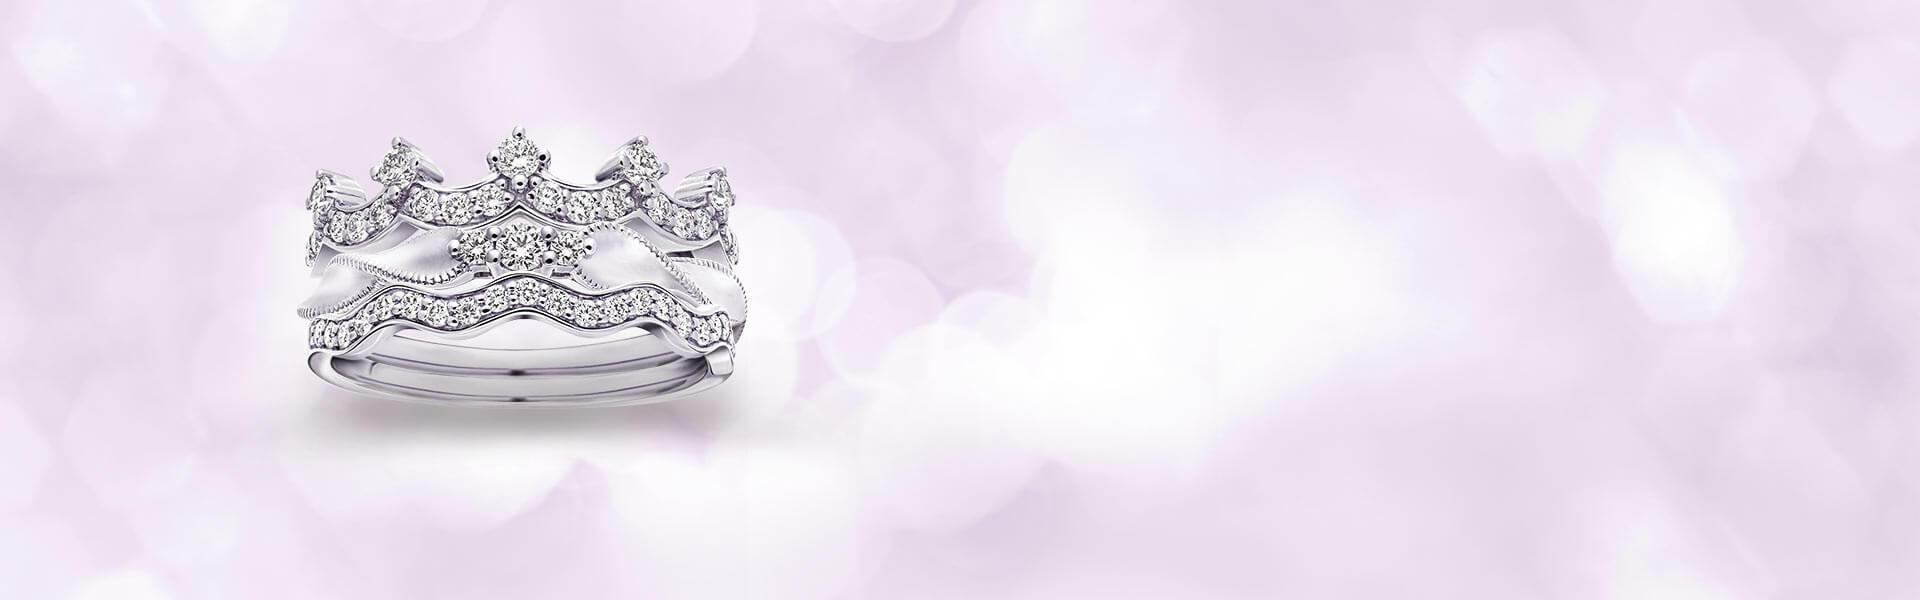 鑽石戒指-鑽石線戒